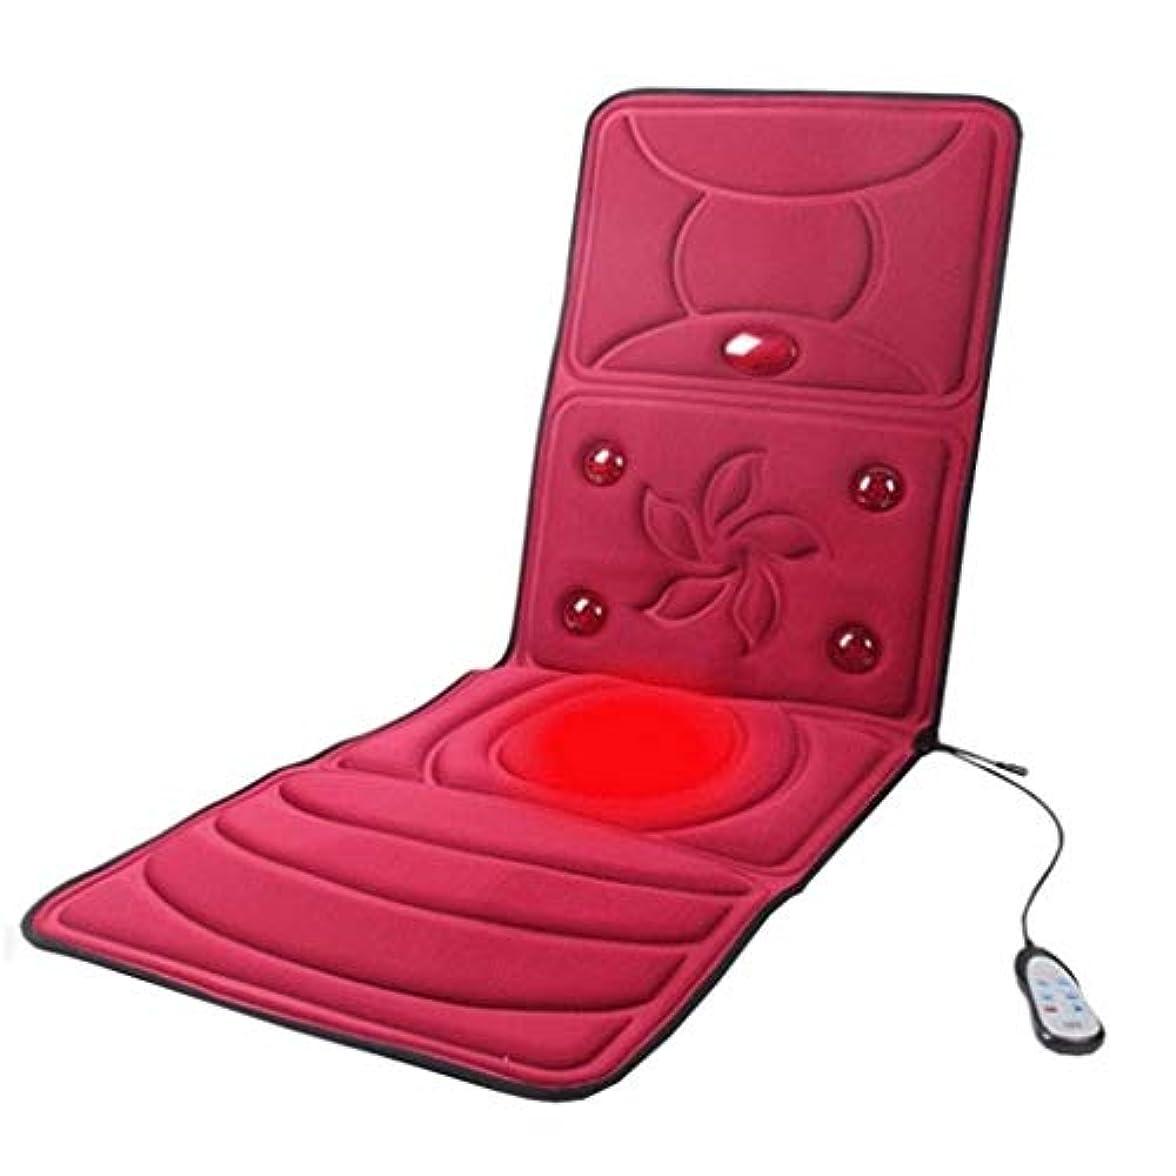 まだソファーかもしれないマッサージクッション、折り畳み式フルボディマッサージマットレス、首と肩用の多機能加熱/振動マッサージパッド、ストレス/痛み166 * 58cmを和らげます